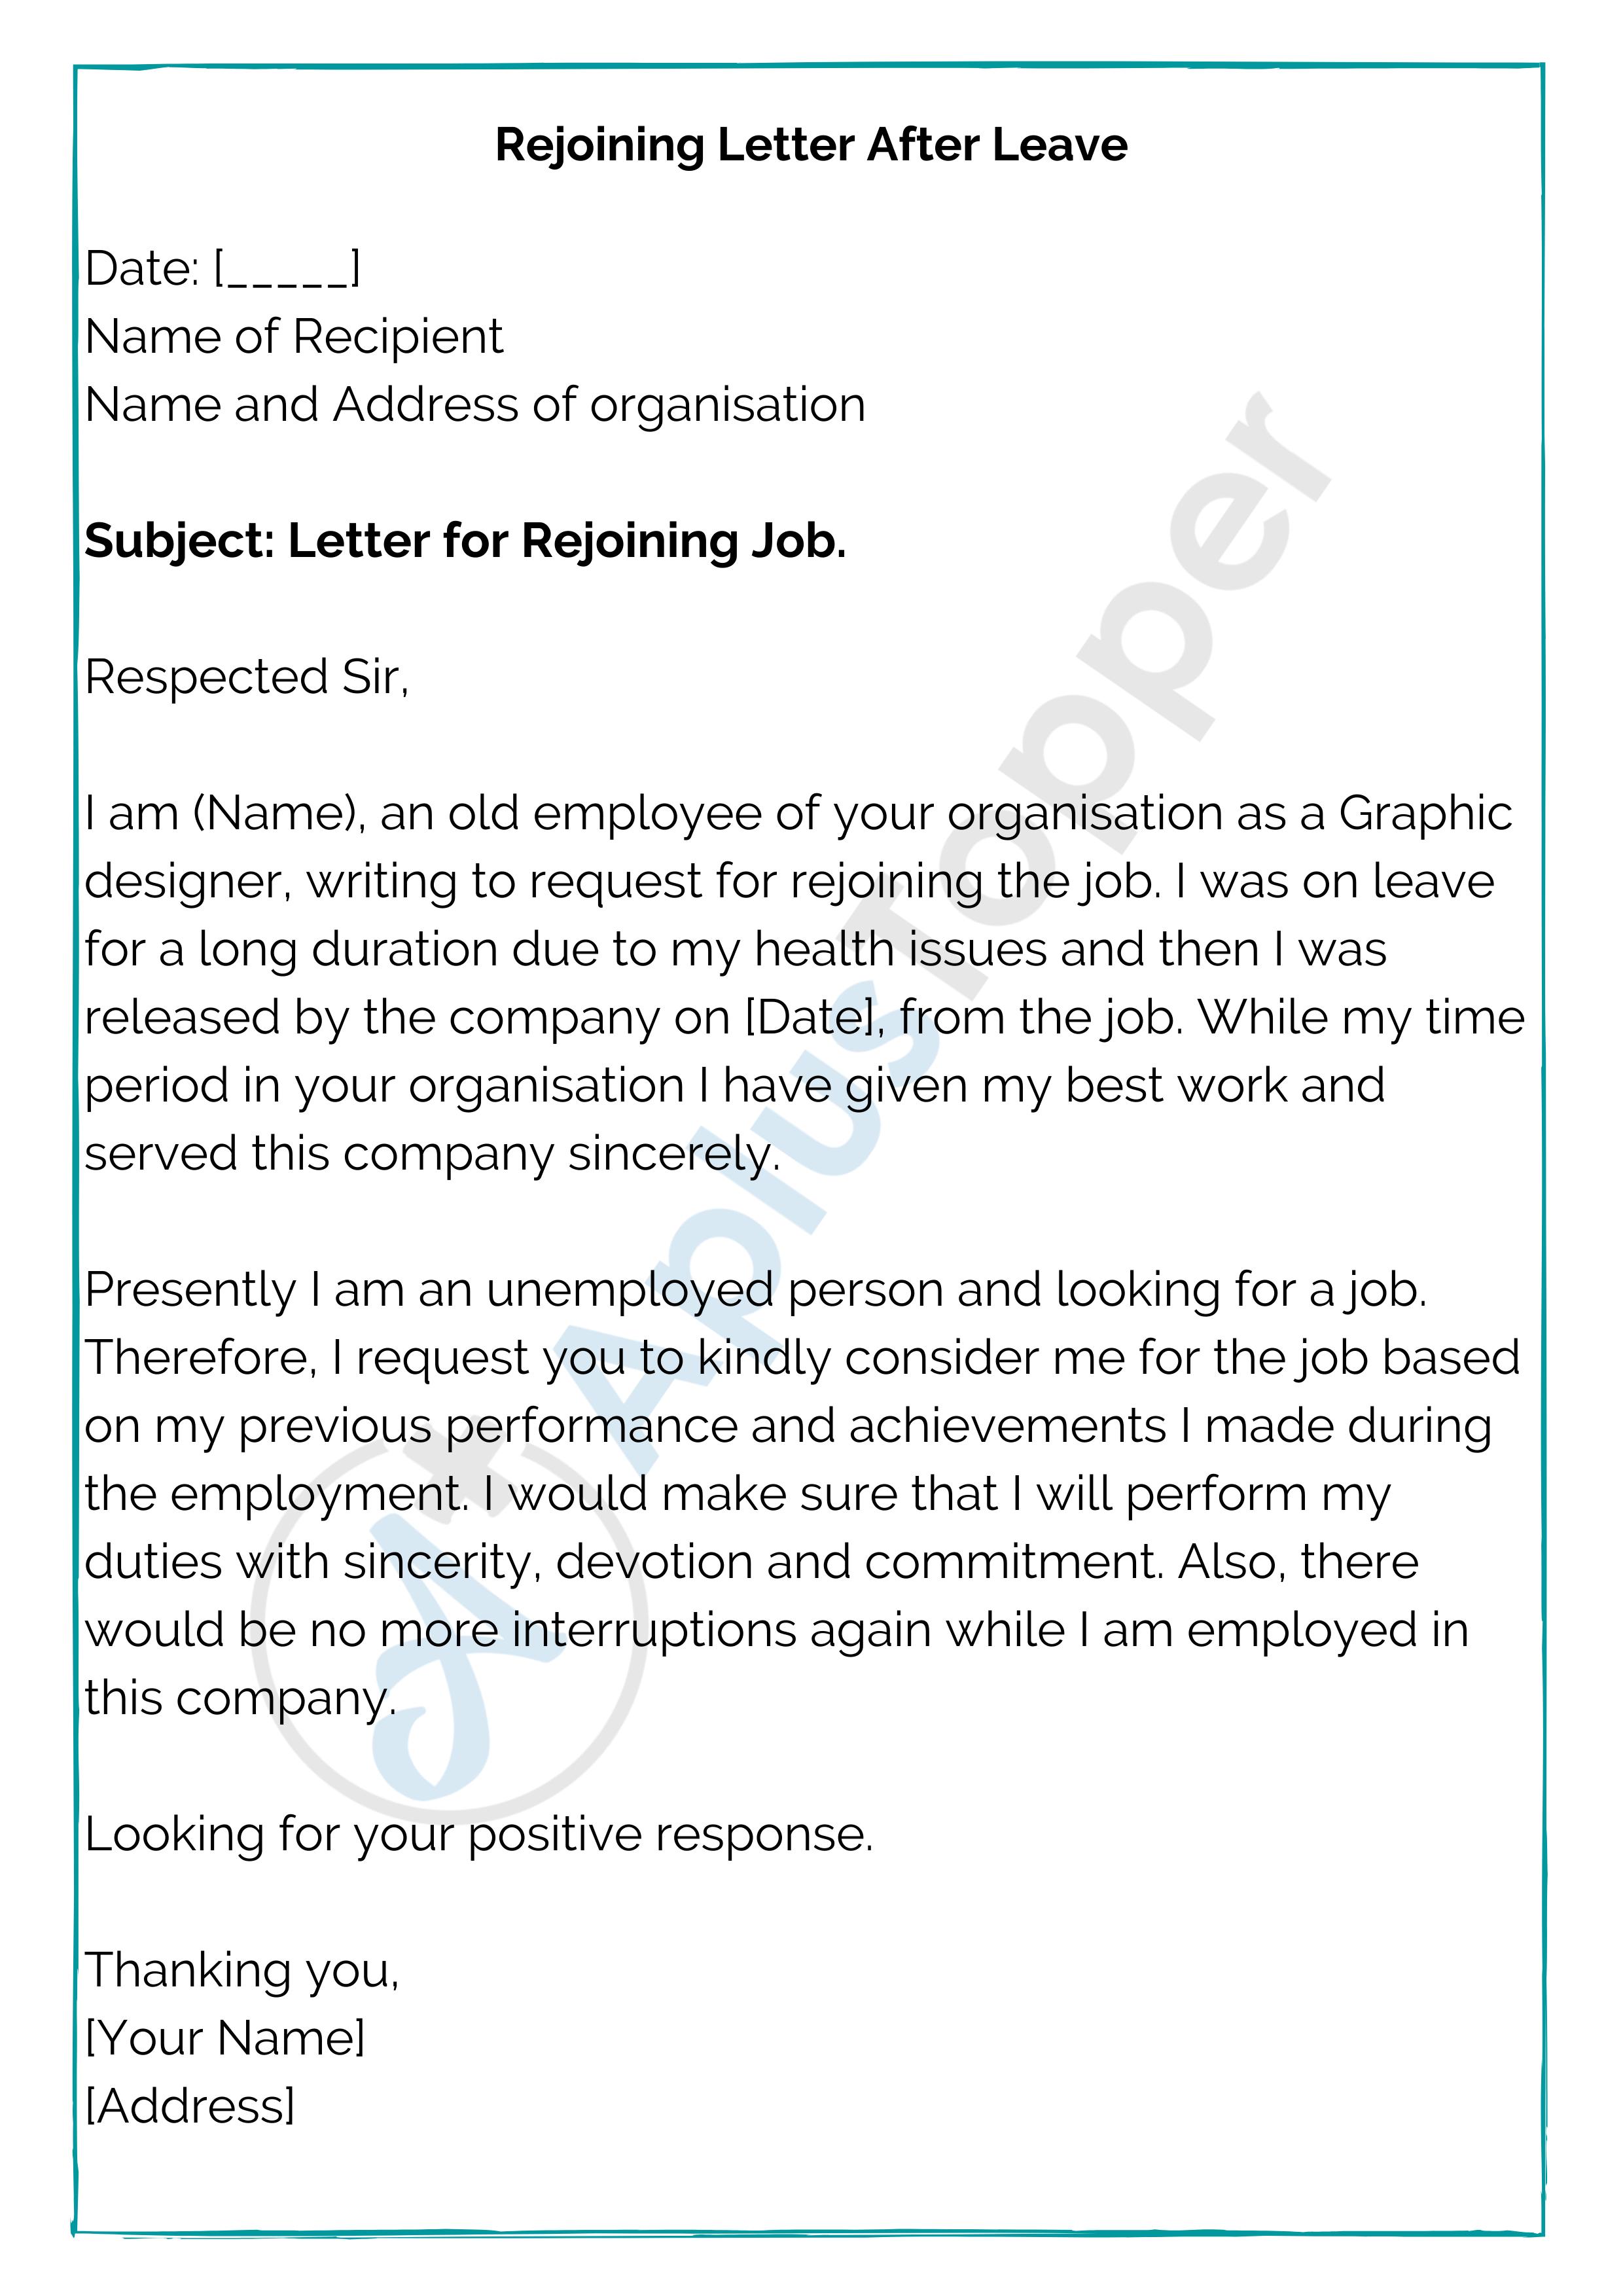 Rejoining Letter After Leave